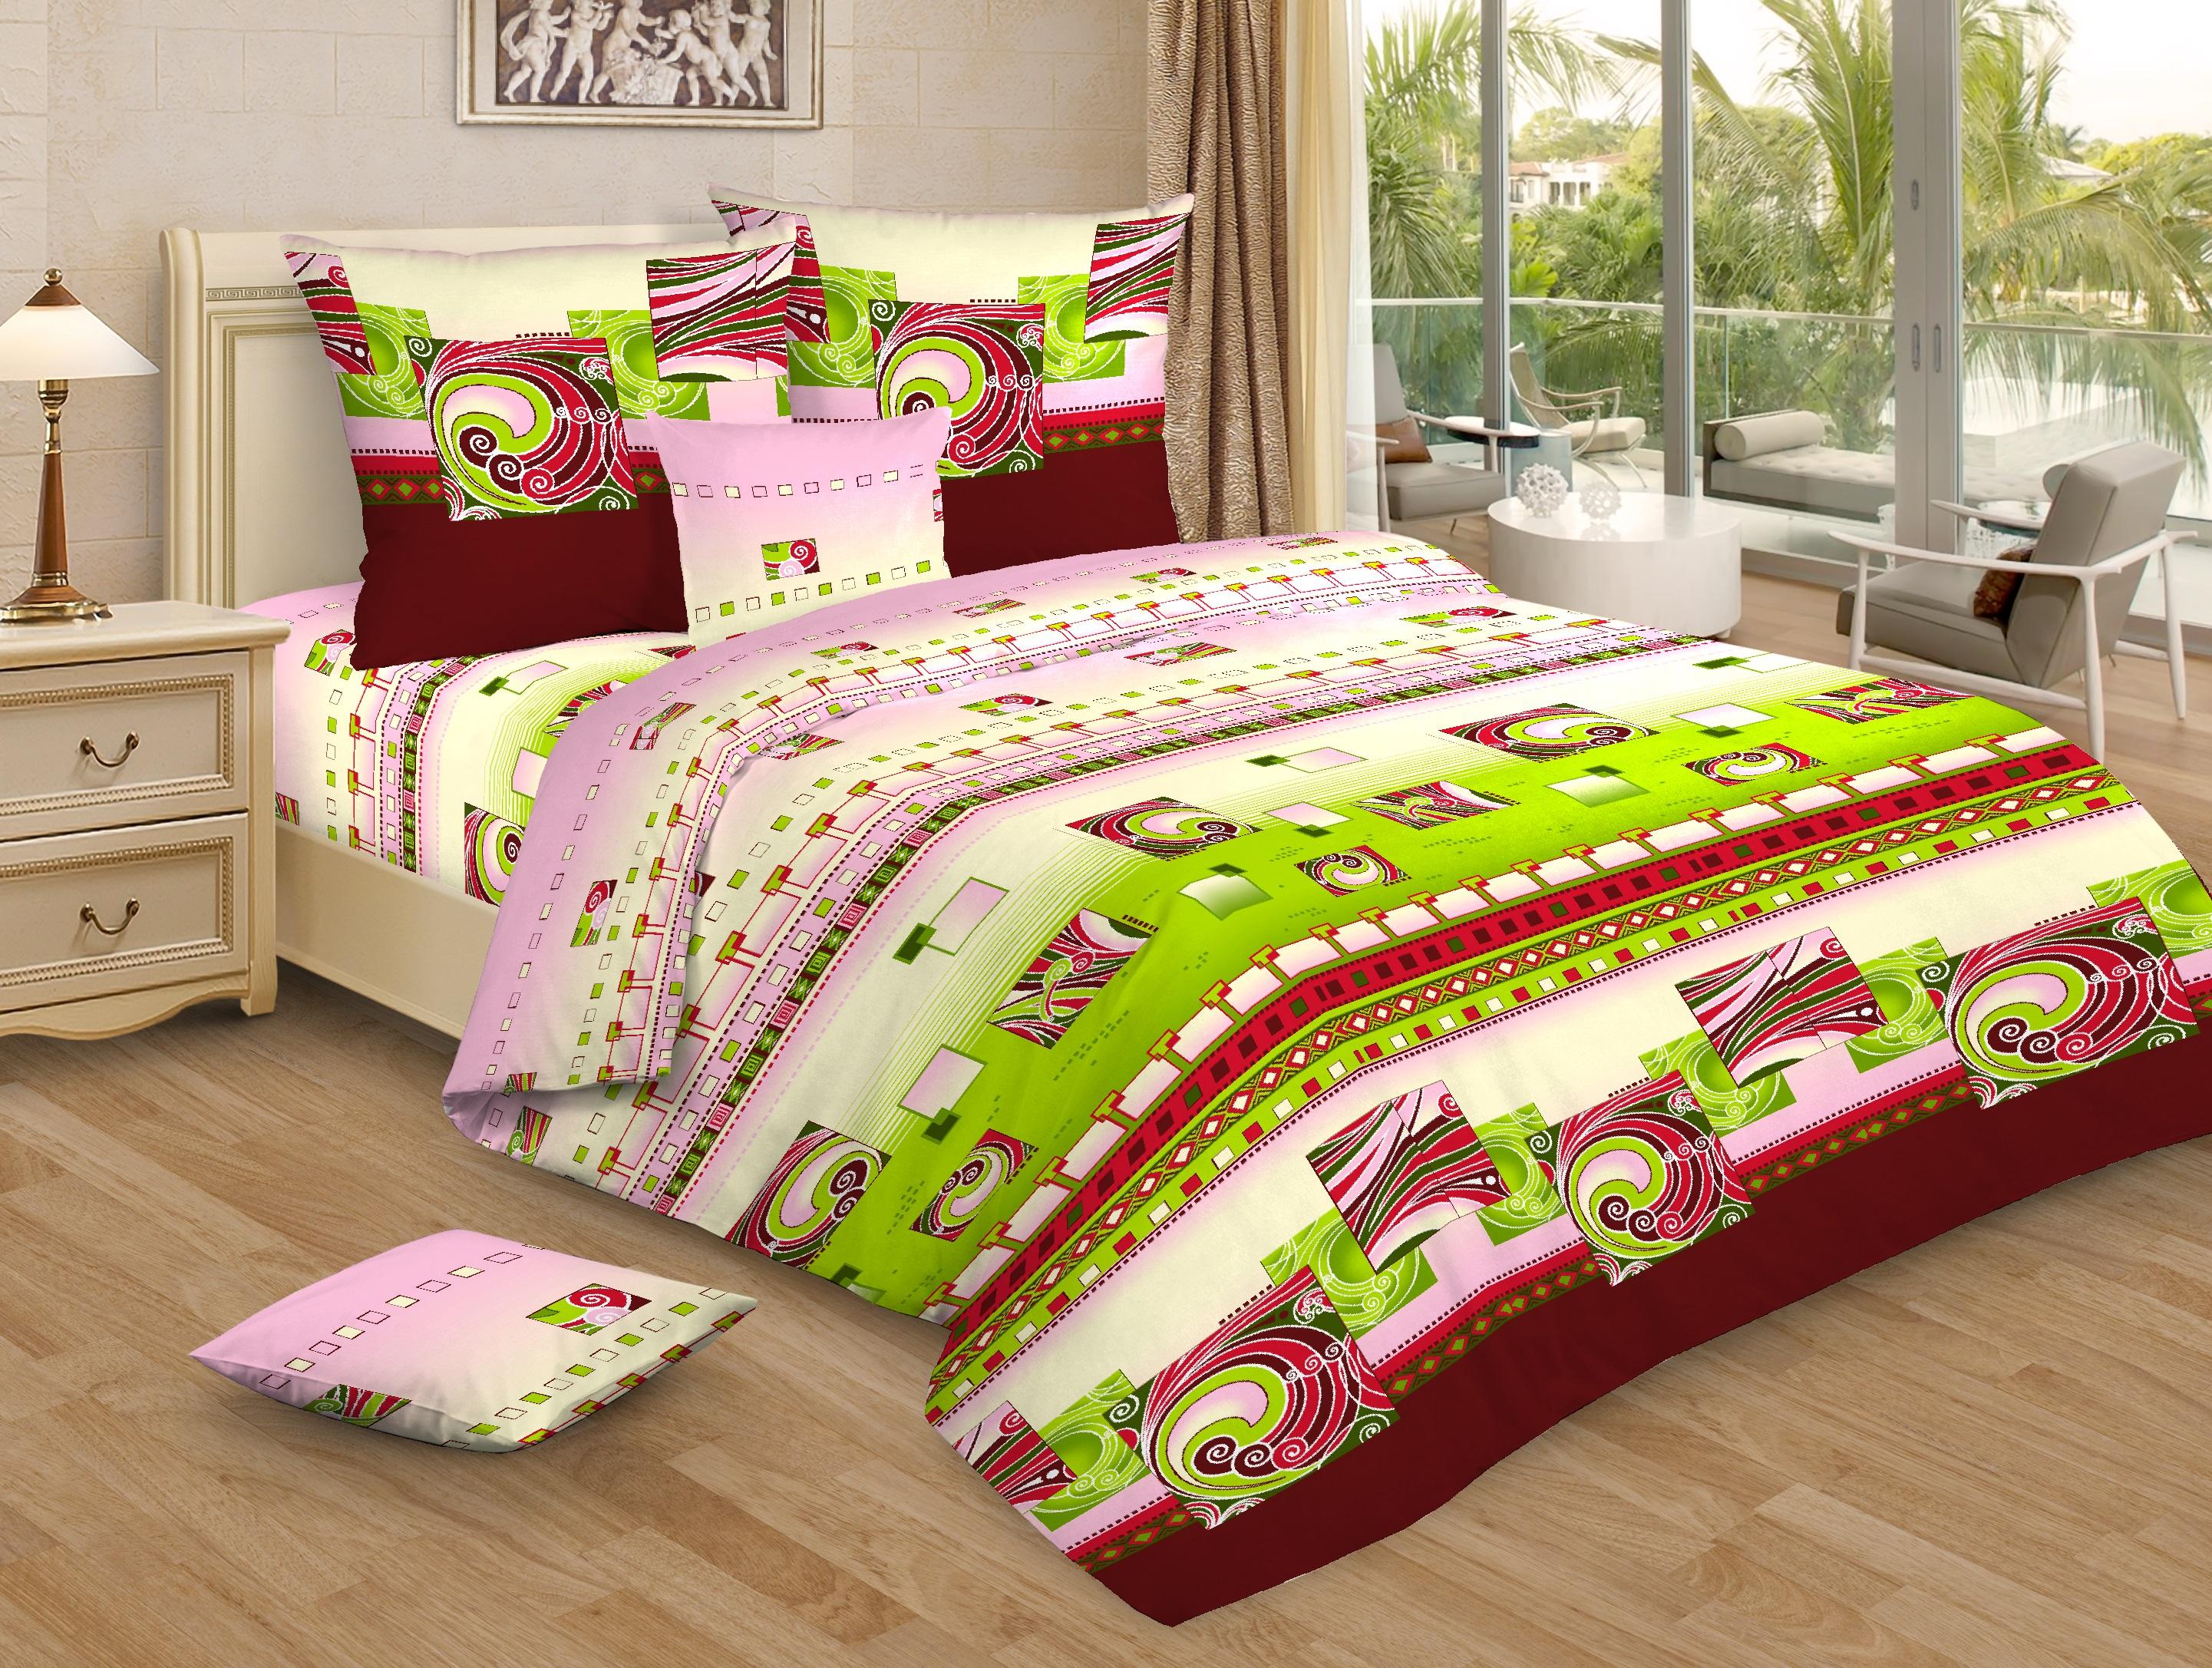 Комплект постельного белья Ночь нежна Lirika Цвет: Бордовый (2 спальное)